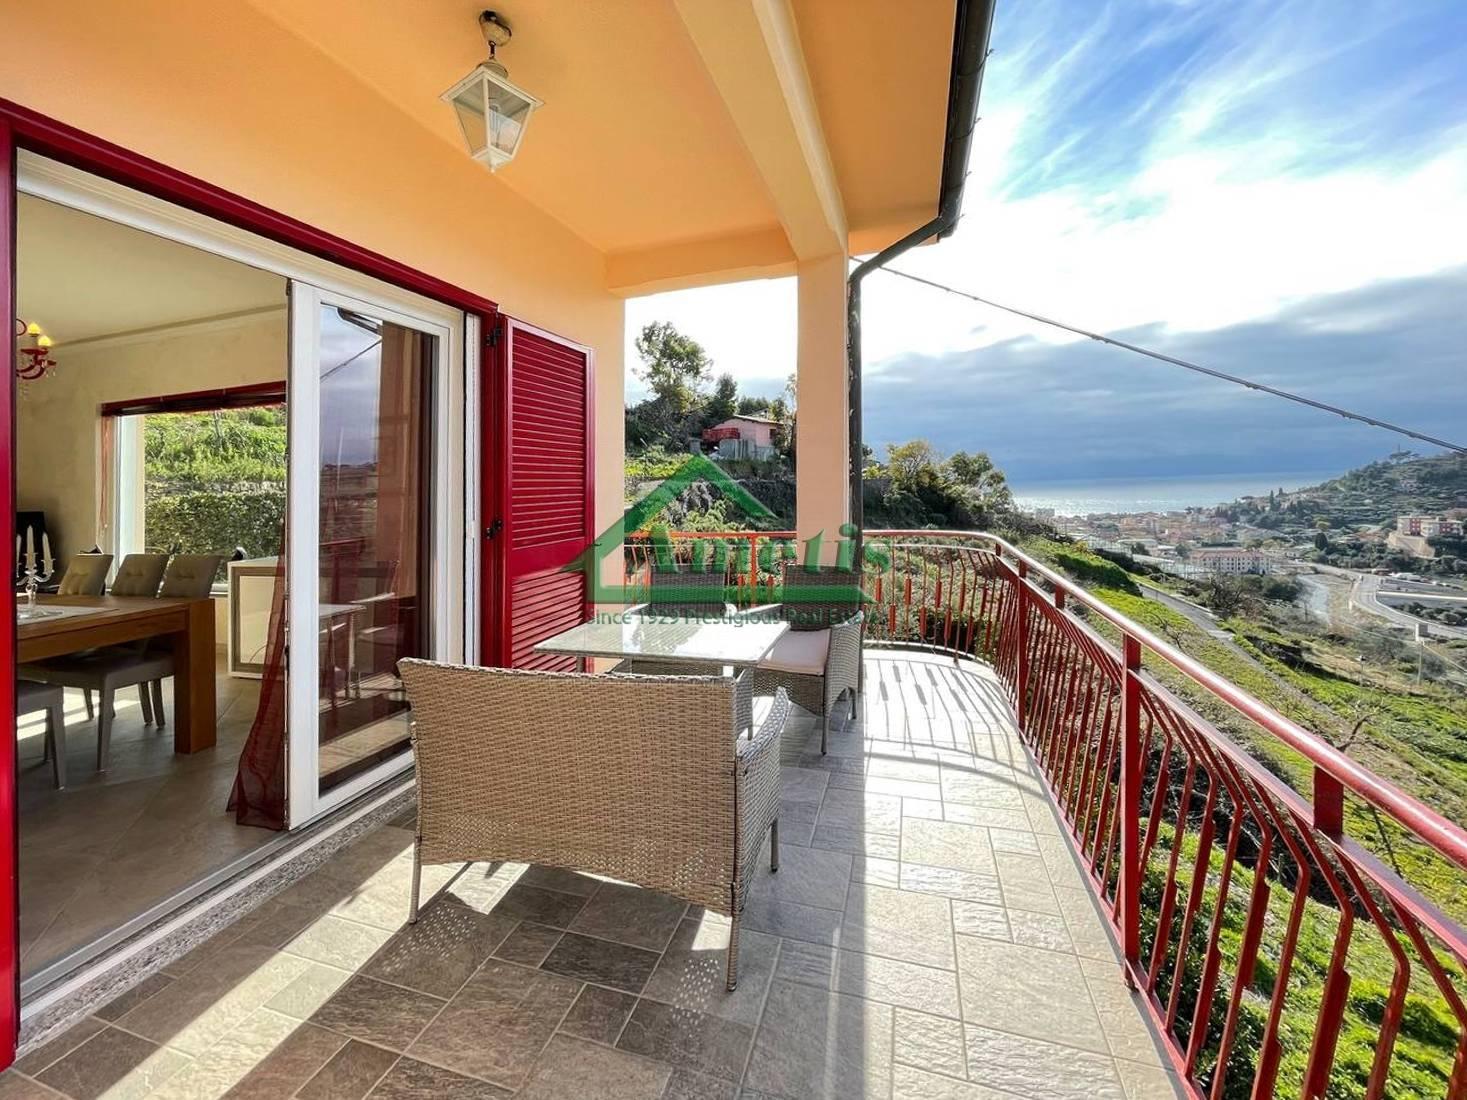 Appartamento in vendita a San Lorenzo al Mare, 5 locali, prezzo € 365.000 | CambioCasa.it